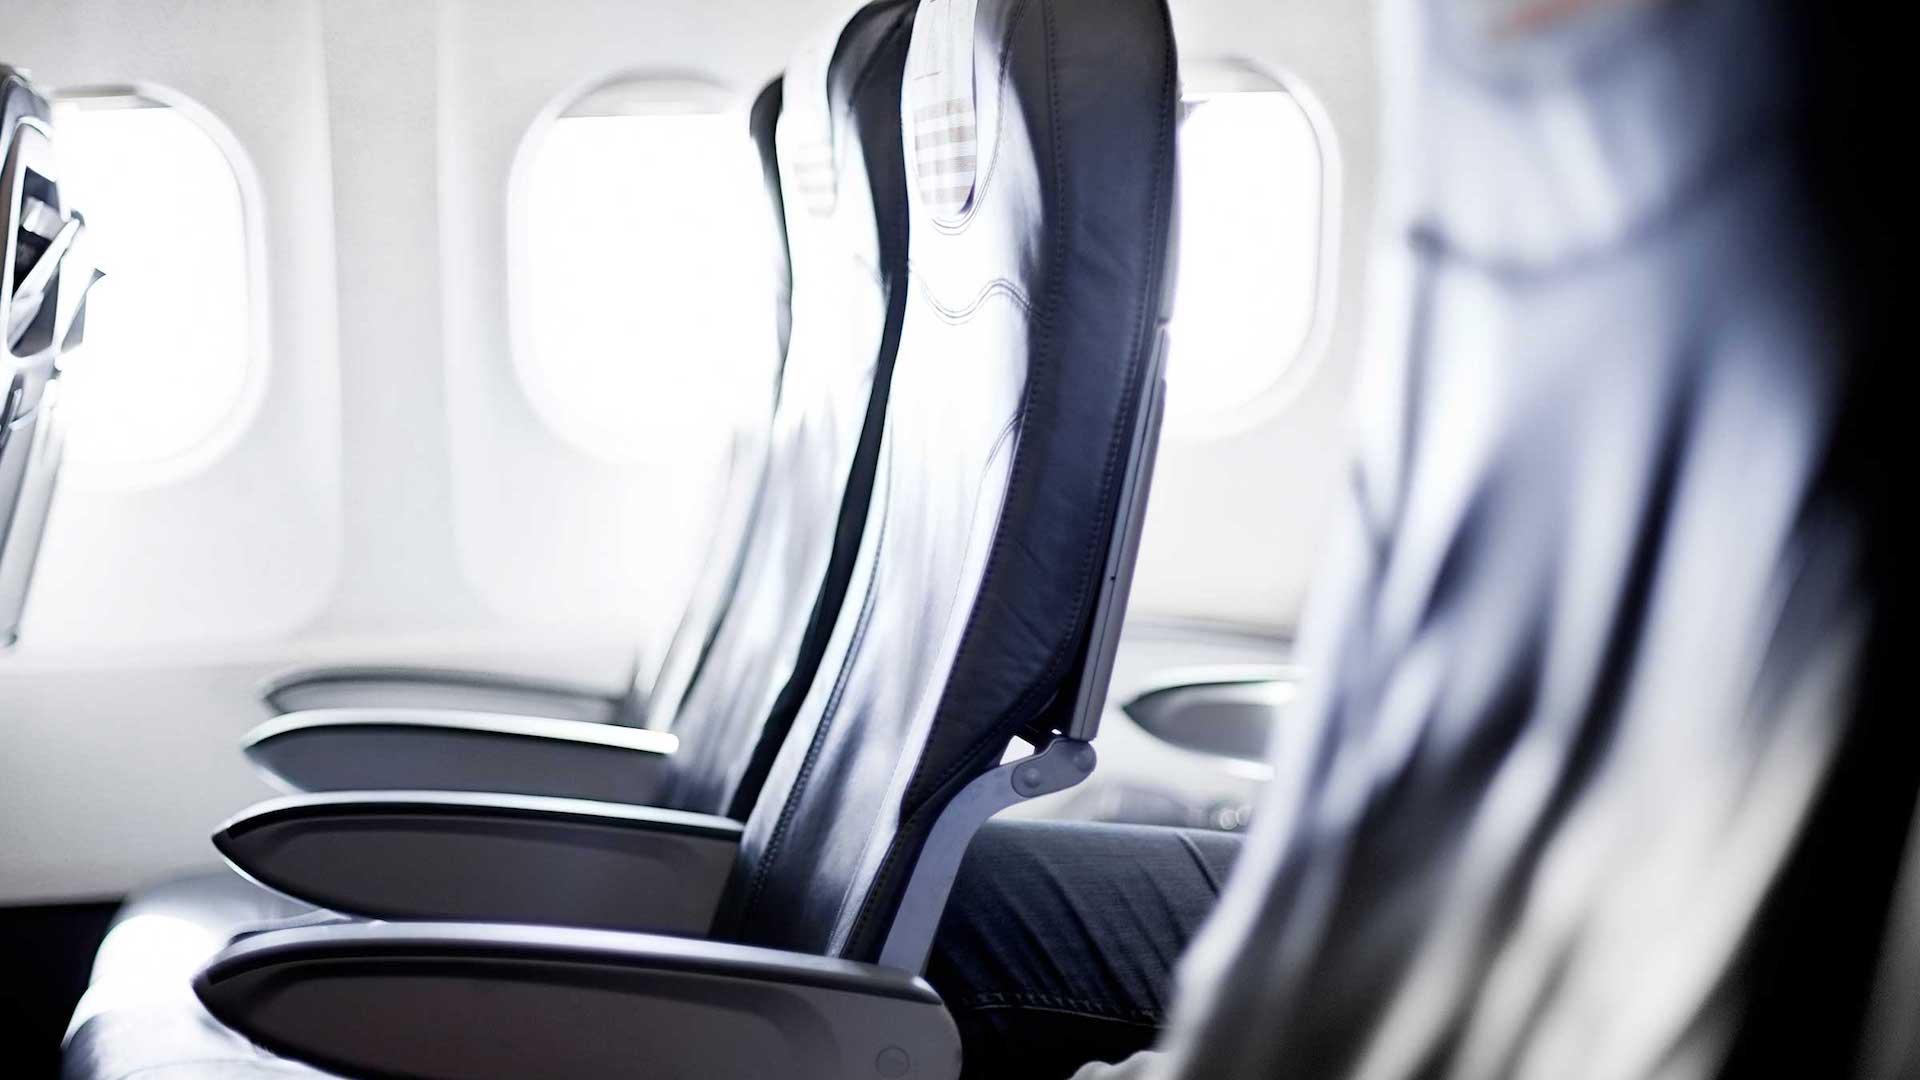 ¿Cuál es el asiento más seguro en un avión?